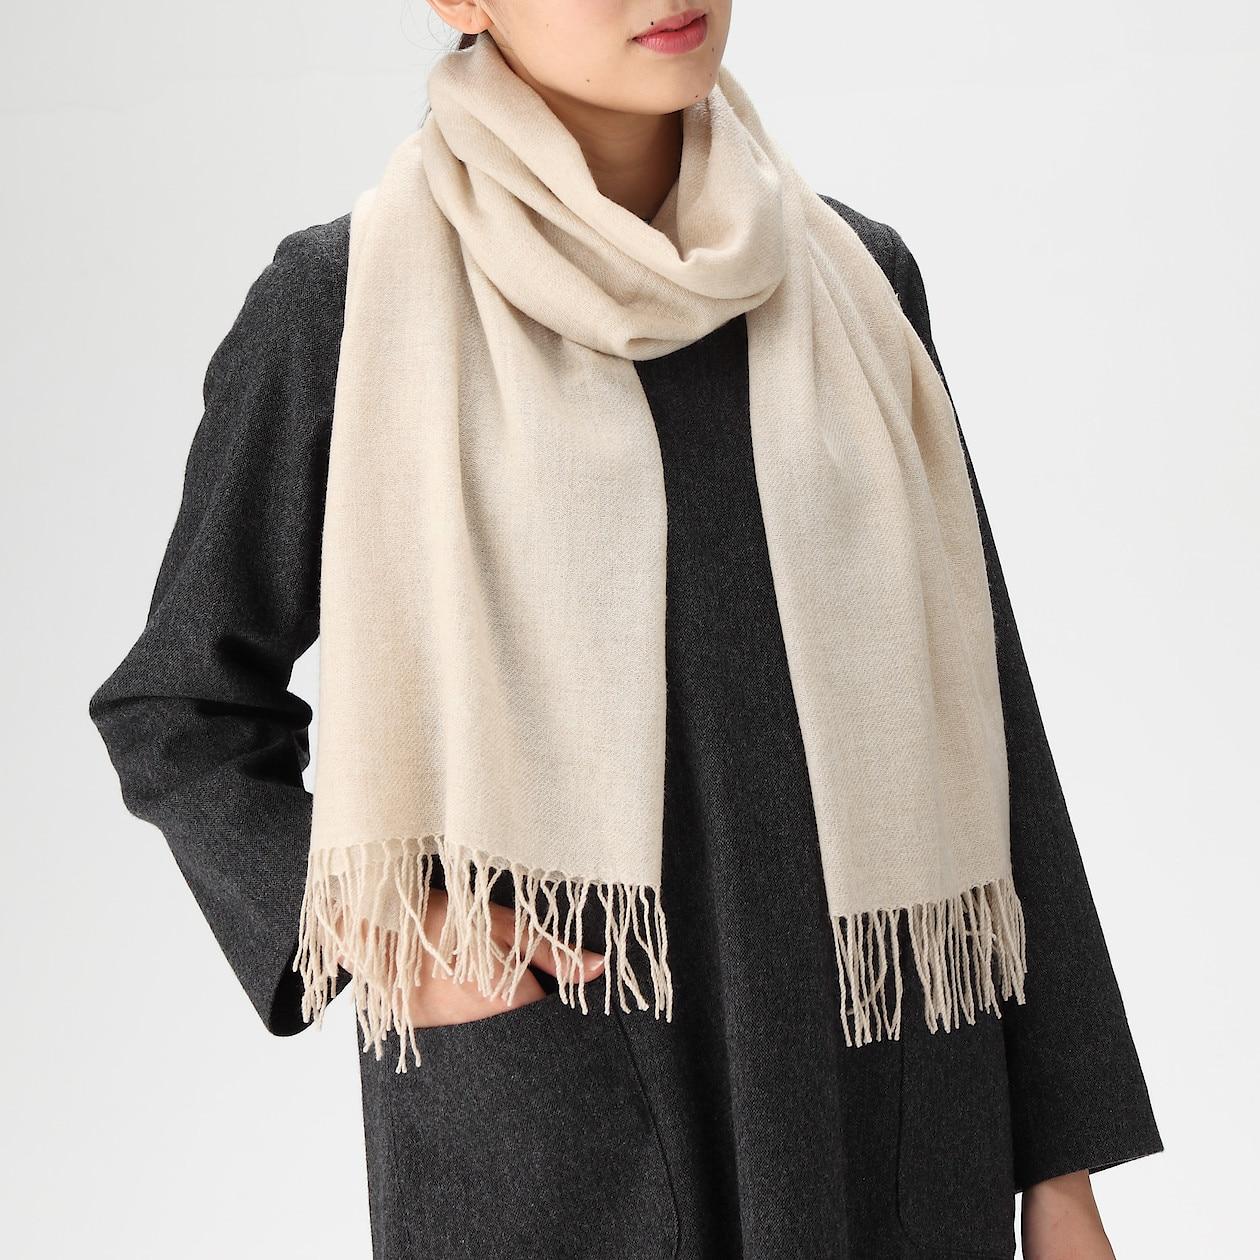 無印良品『カシミヤ織りストール』